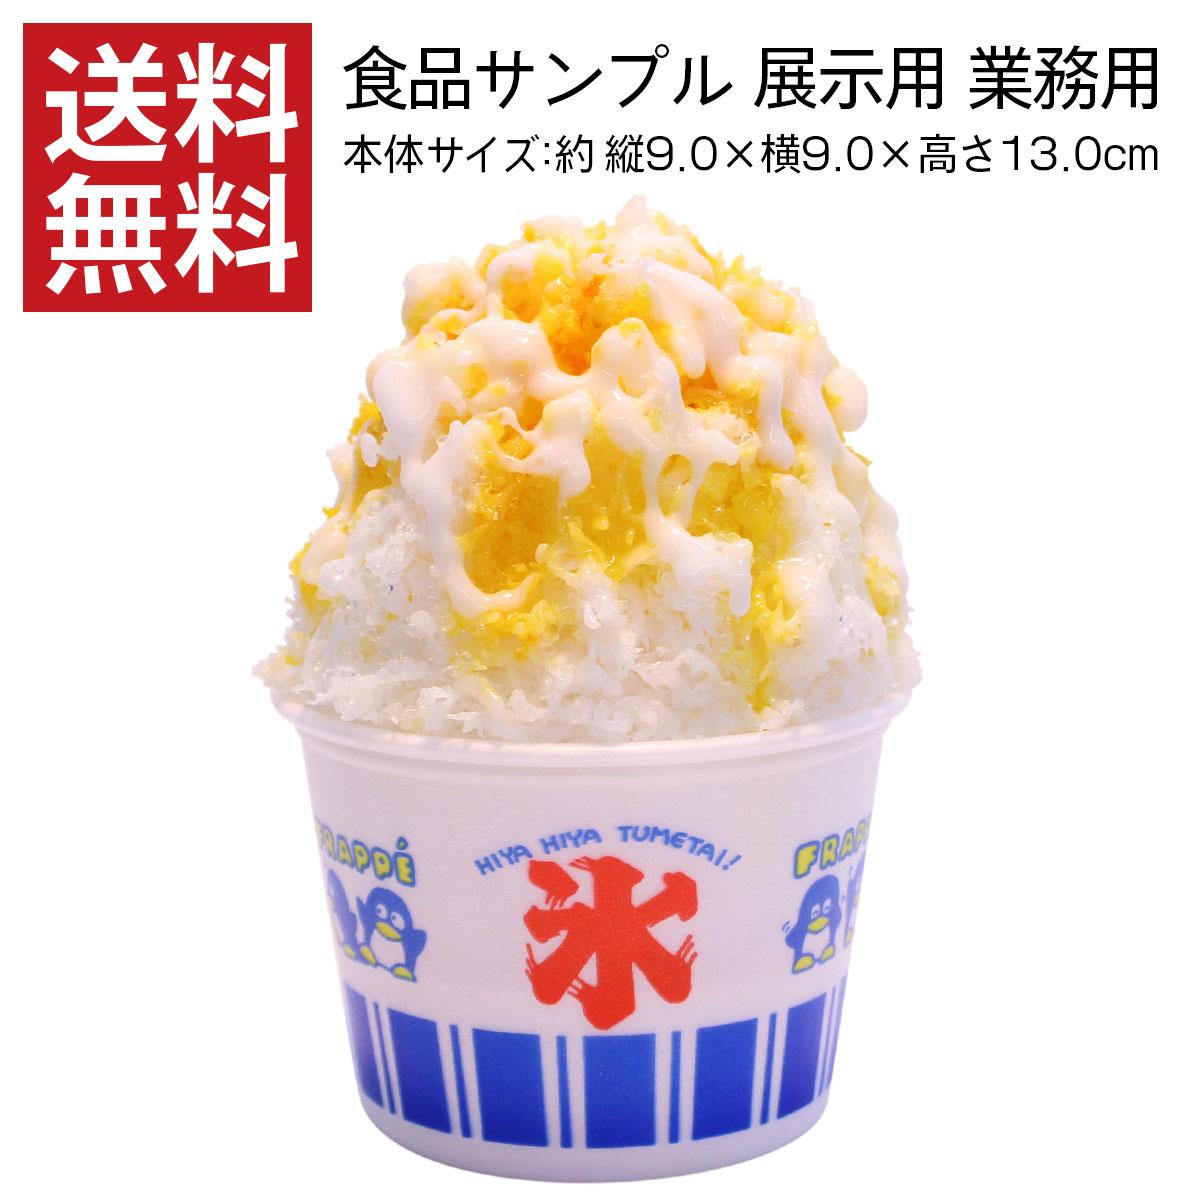 【送料無料】食品サンプル 展示用 かき氷 レモンミルク味 オブジェ インテリア 屋台 置物